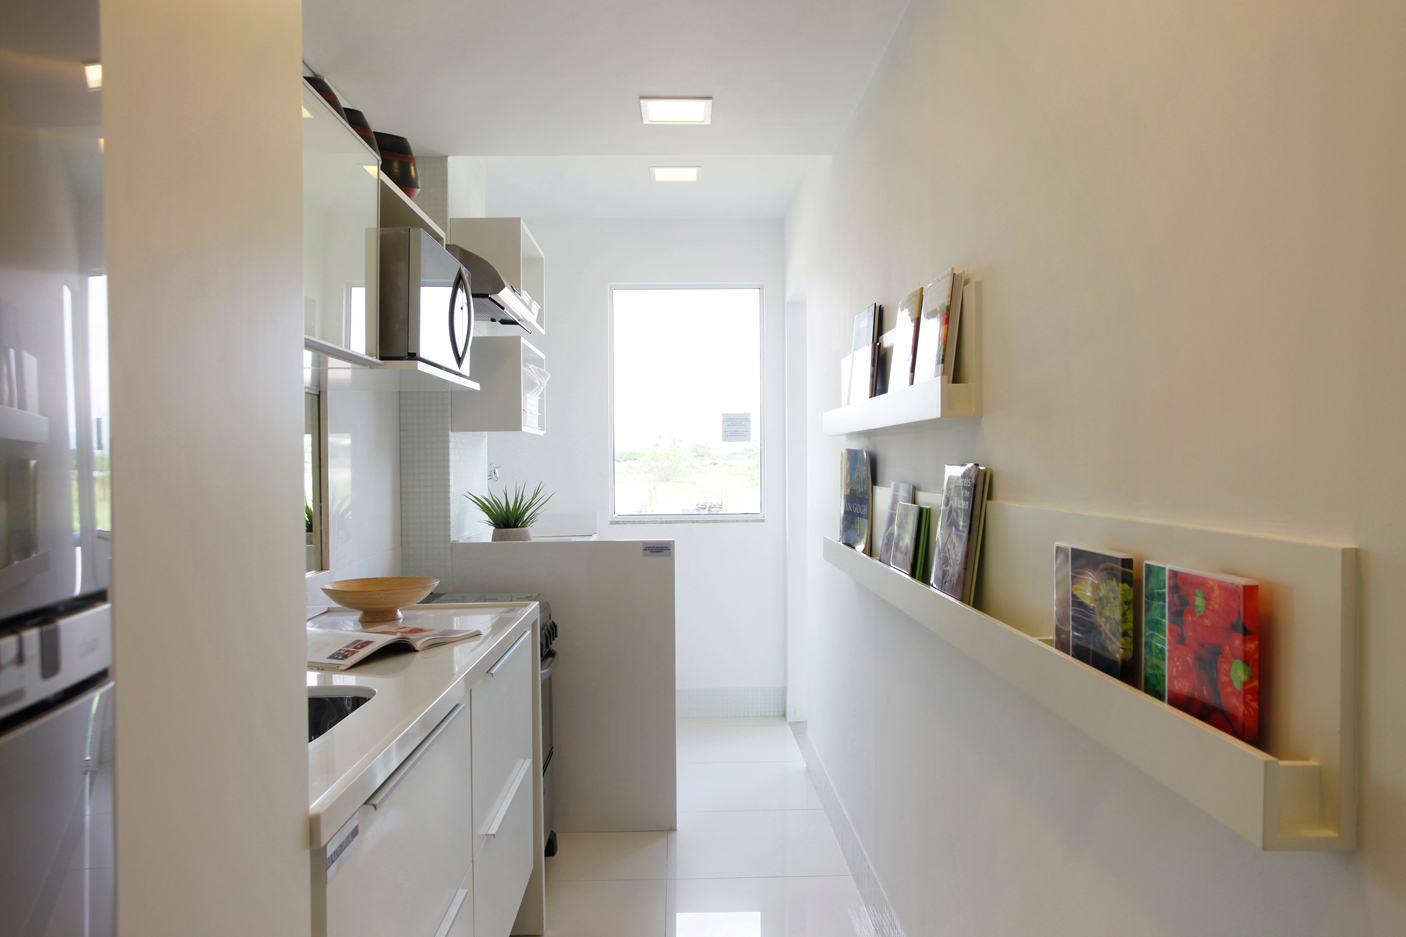 Imagem 12 – Os armários aramados deixa um clima jovial na cozinha  #6D4239 1406 937